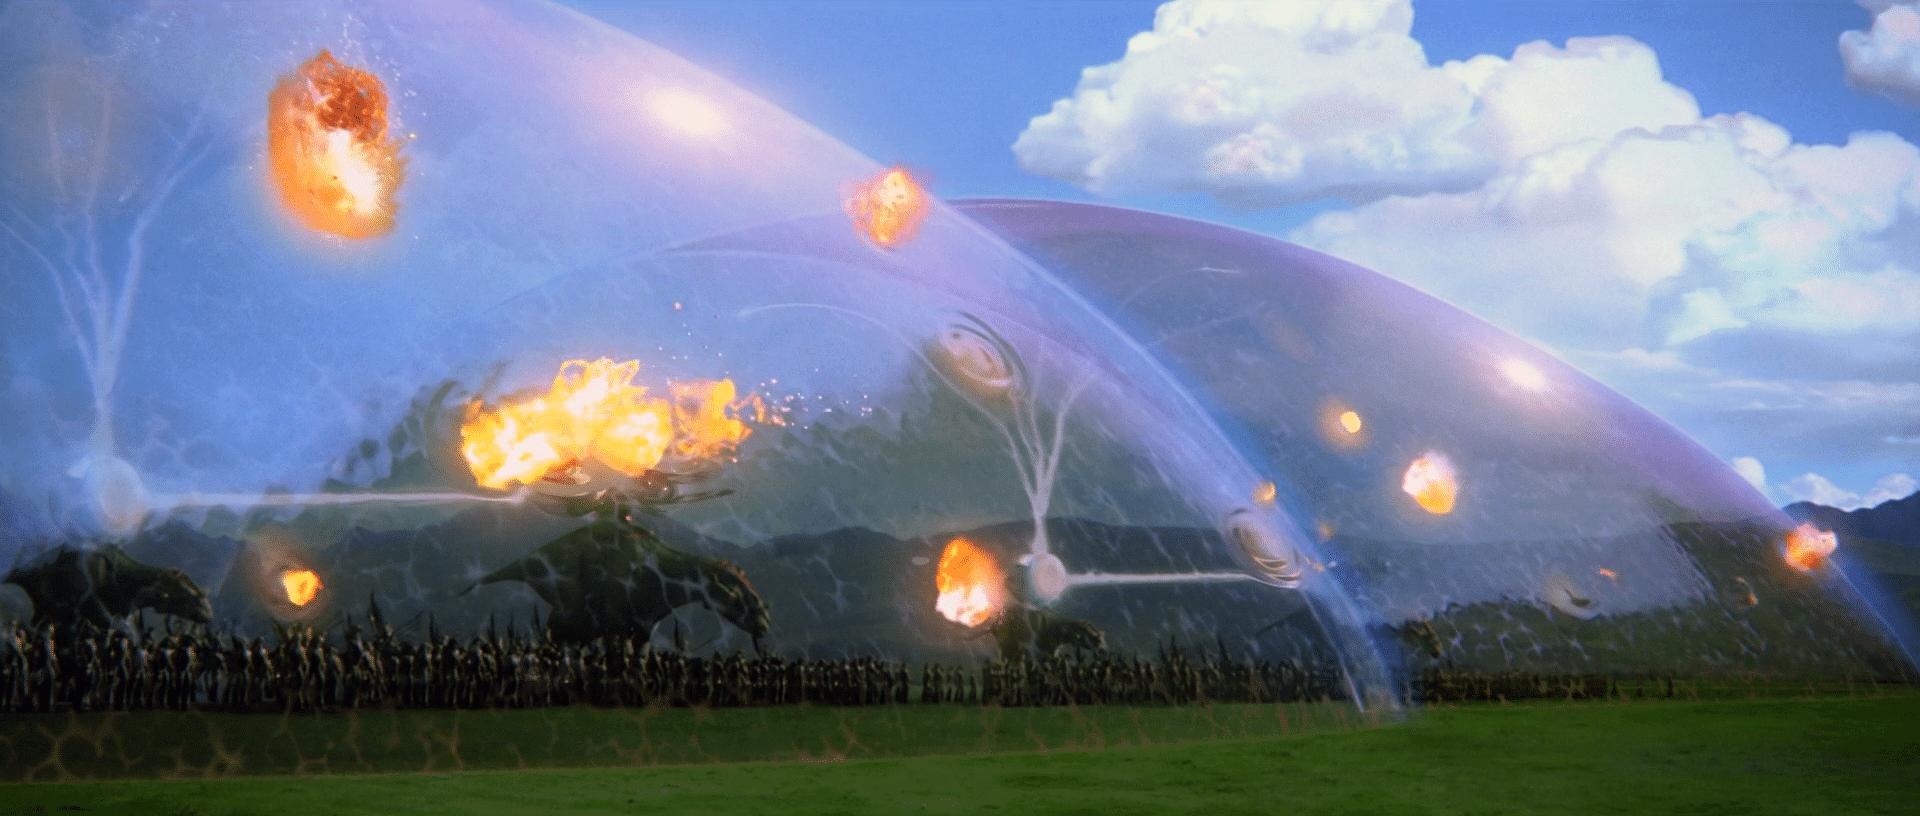 Scudo deflettore, Come funziona uno scudo deflettore – Guida al Canon, Star Wars Addicted